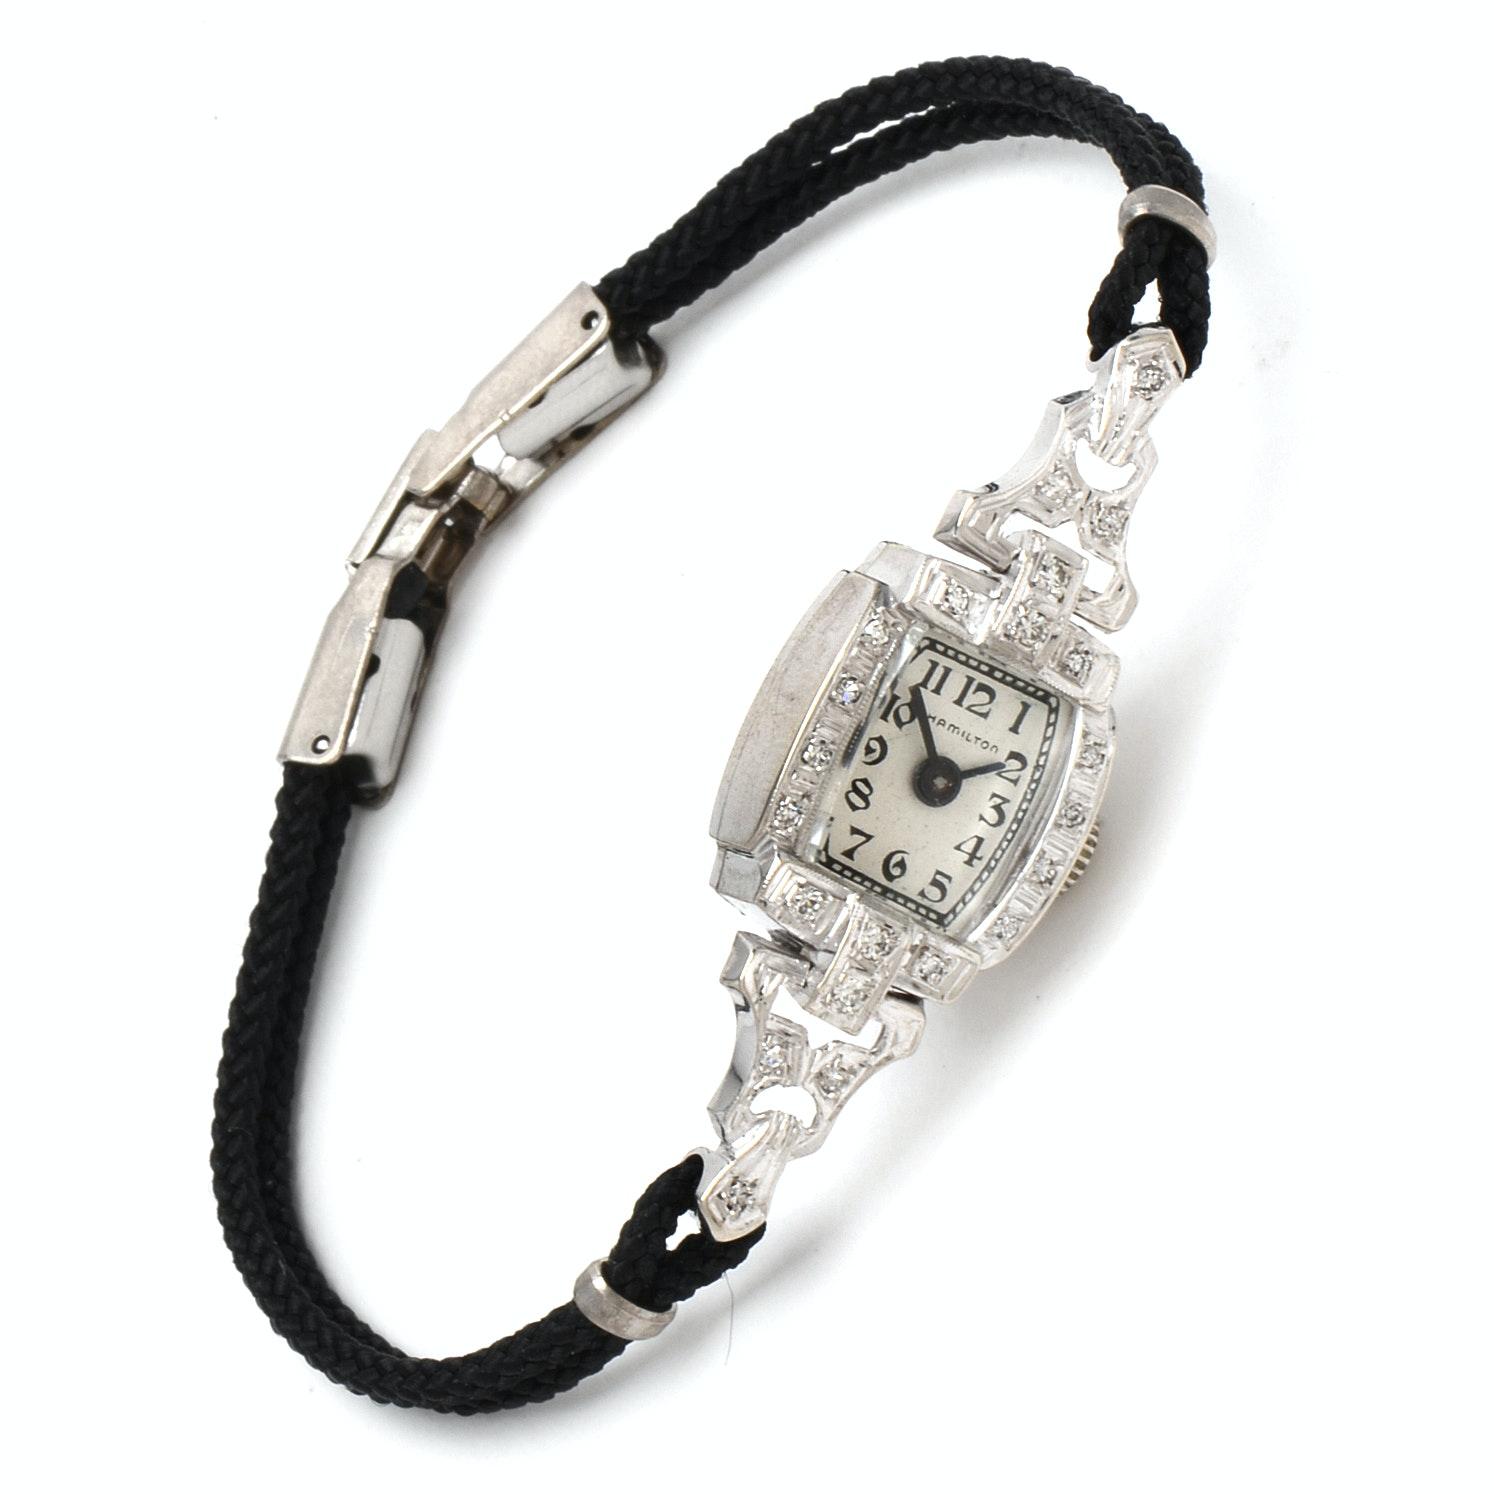 Vintage Hamilton 14K White Gold and Diamond Wristwatch